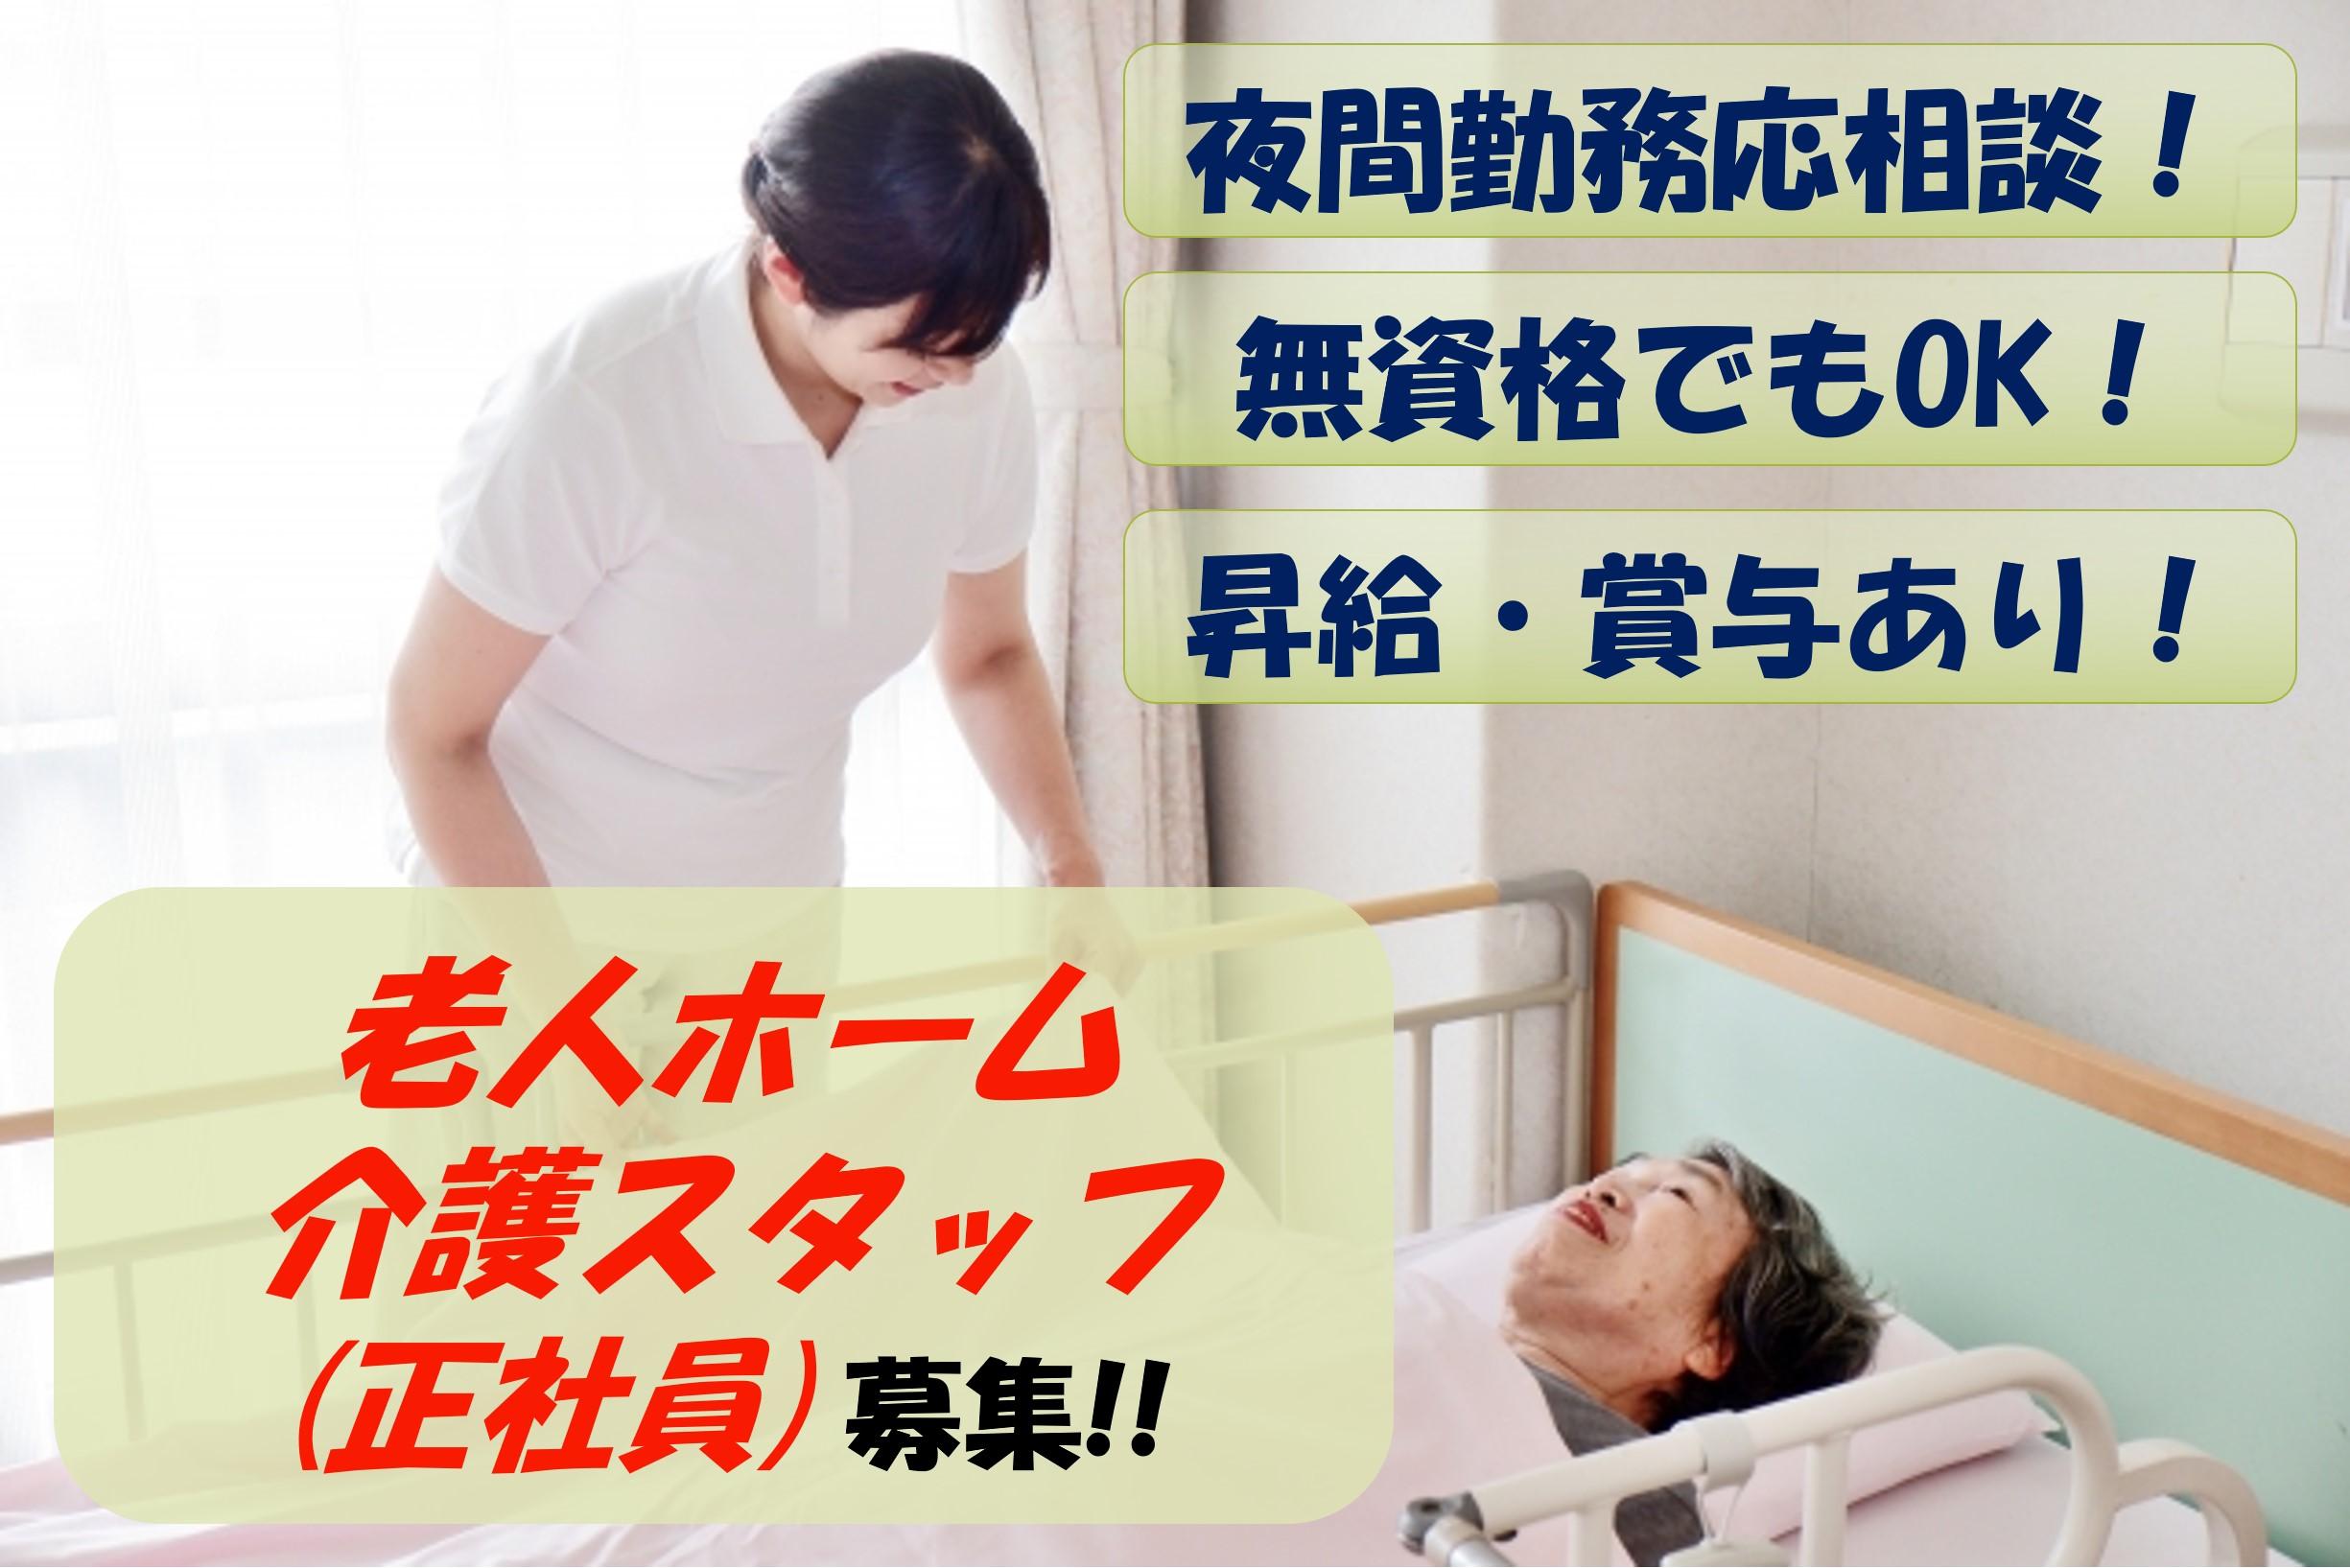 【即面談可能】無資格でもOK!昇給・賞与あり!老人ホームの介護スタッフ イメージ